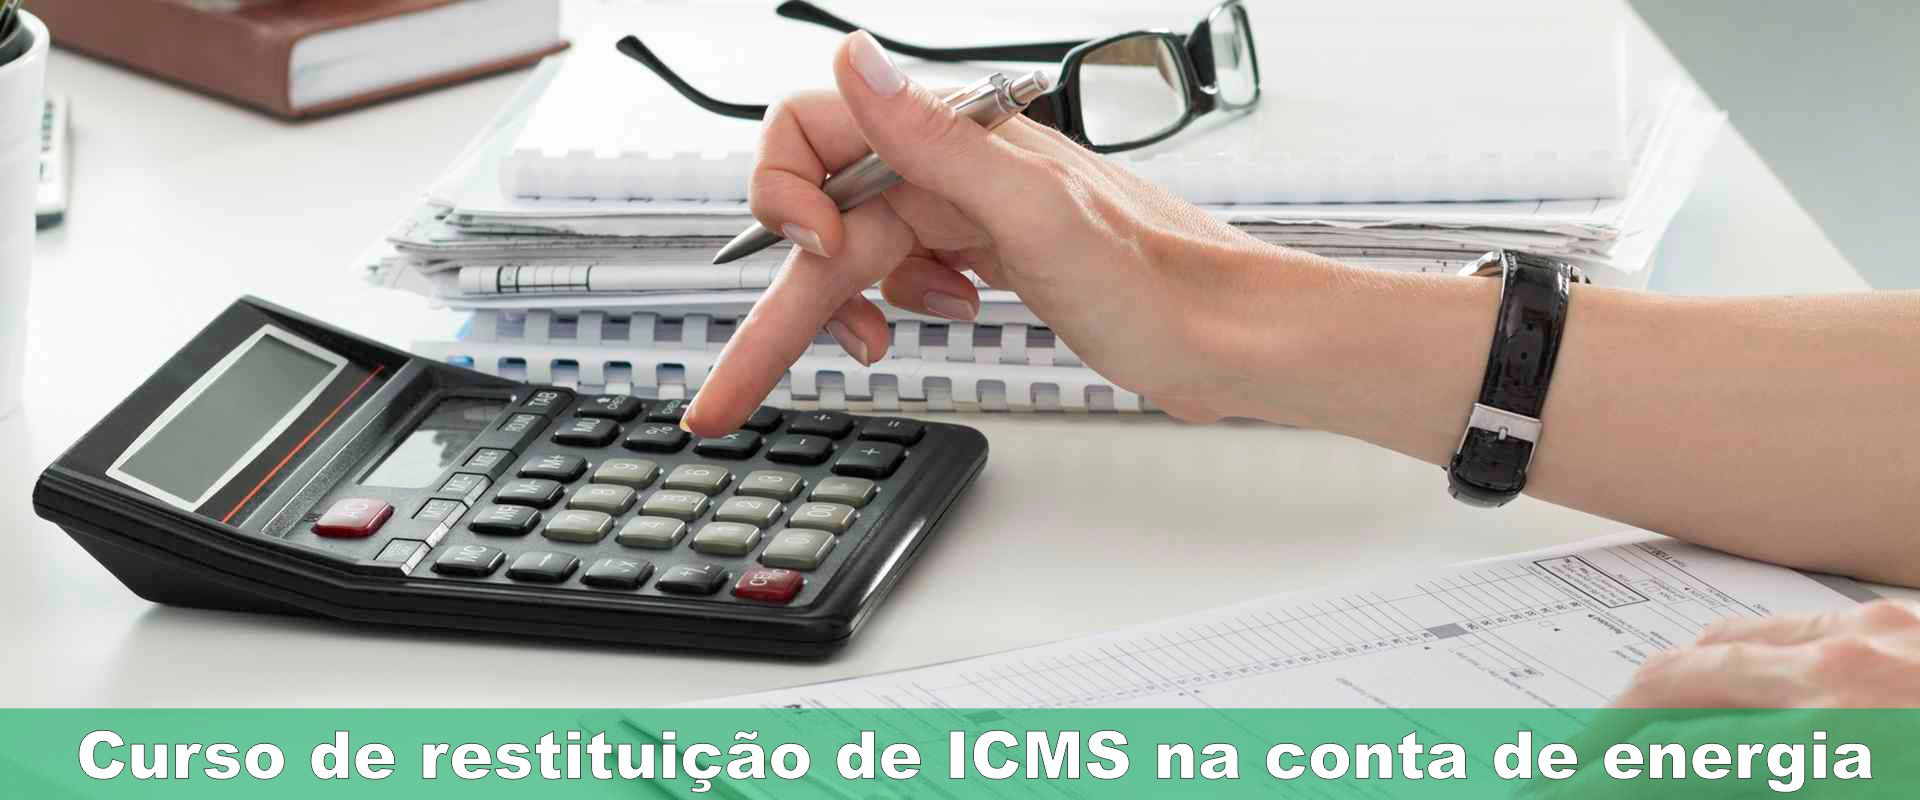 Restituição ICMS na energia